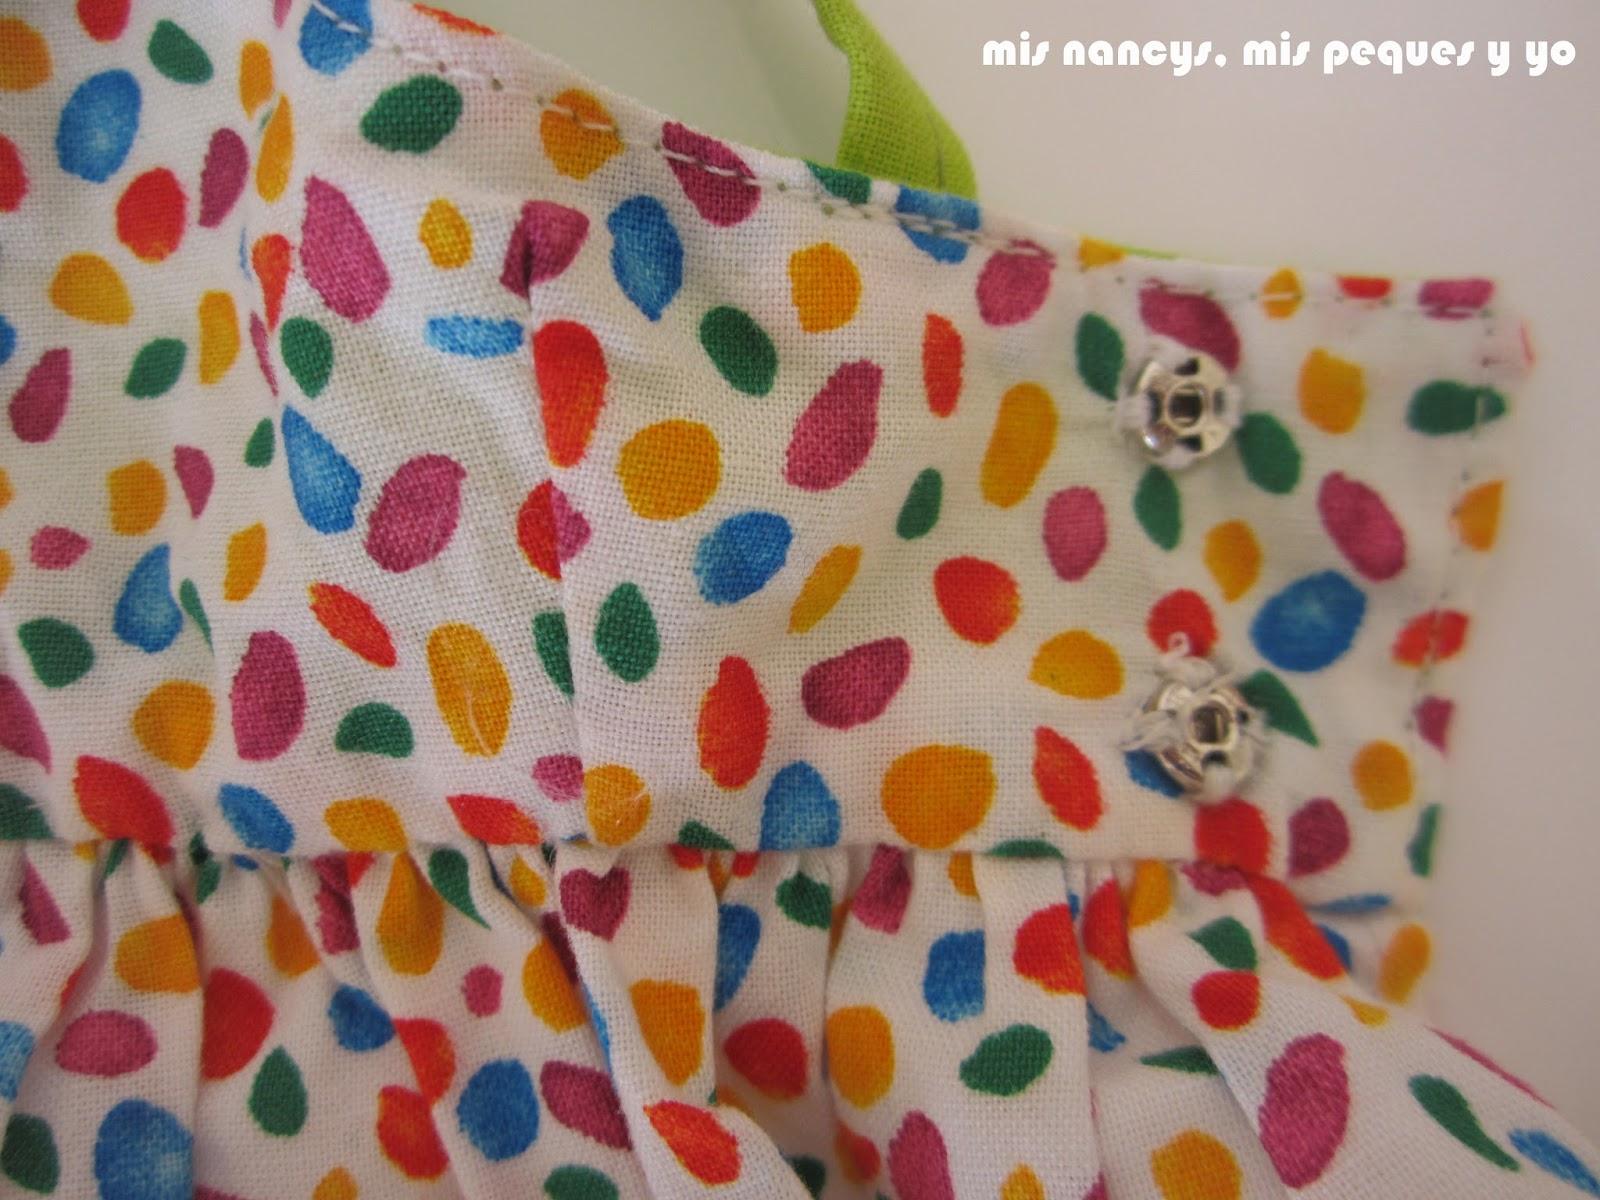 mis nancys, mis peques y yo, vestidos primavera para nancy de anilegra, detalle pinzas del costado